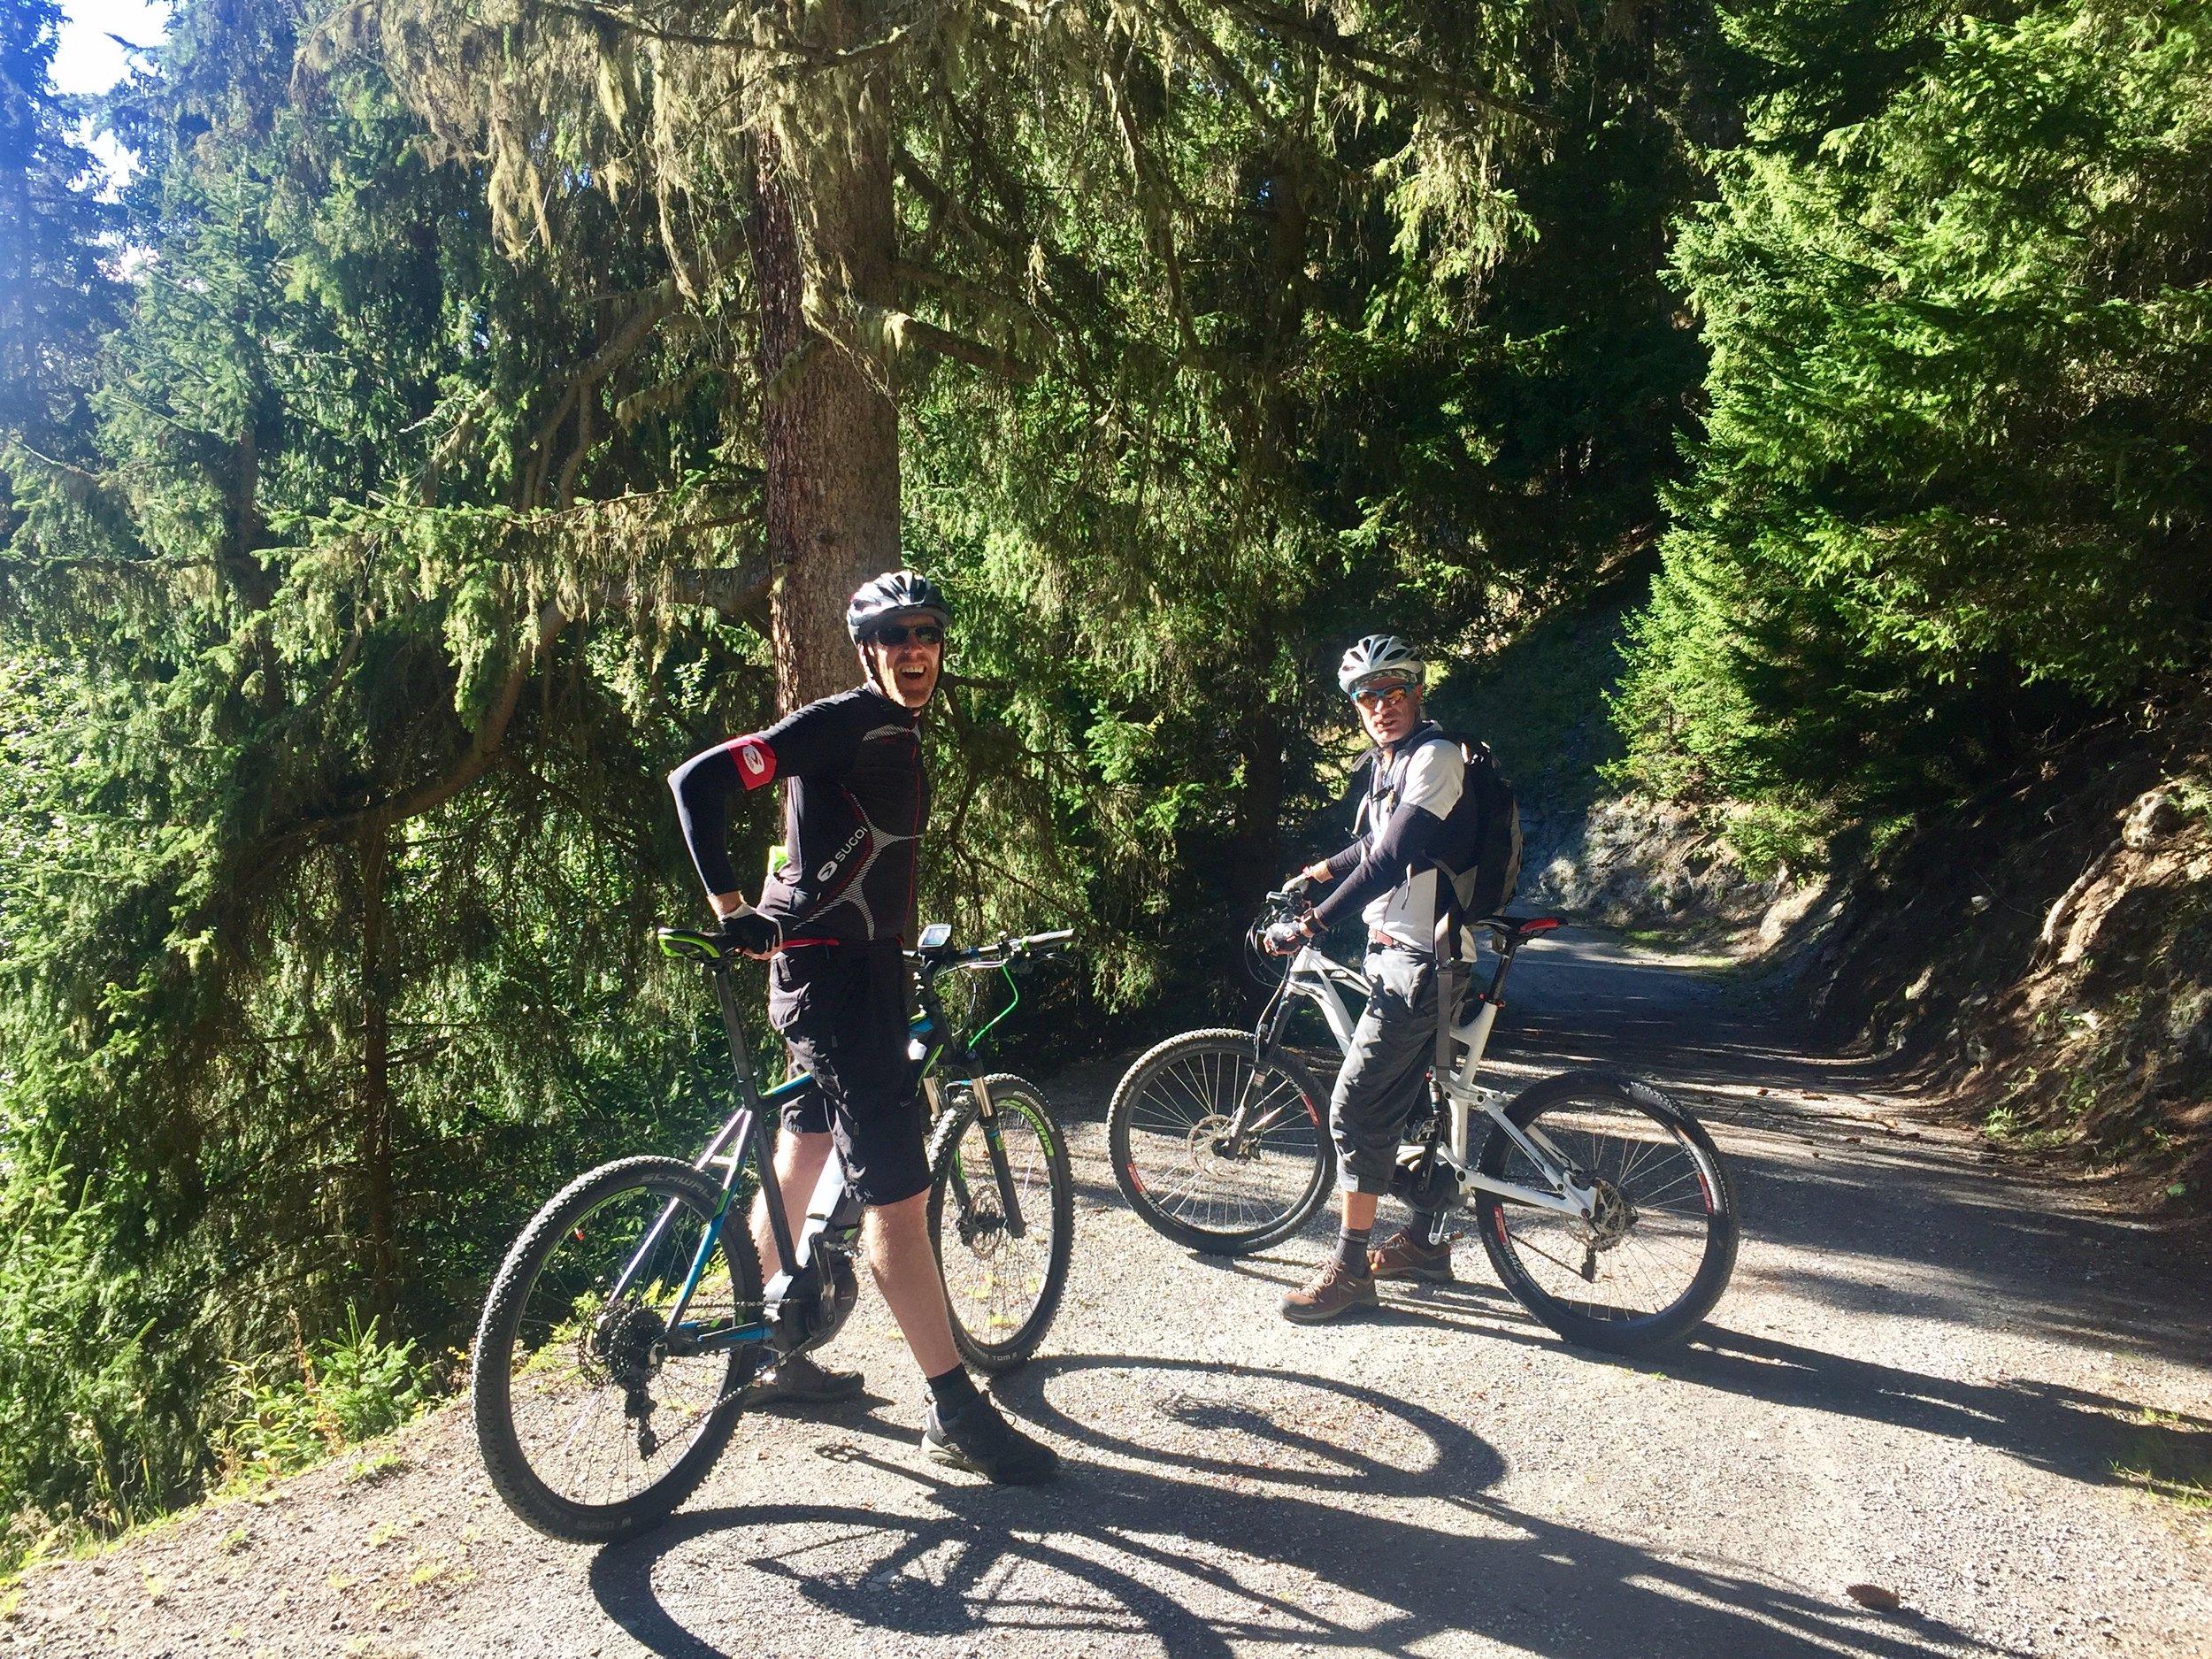 Quiet, alpine routes through the trees